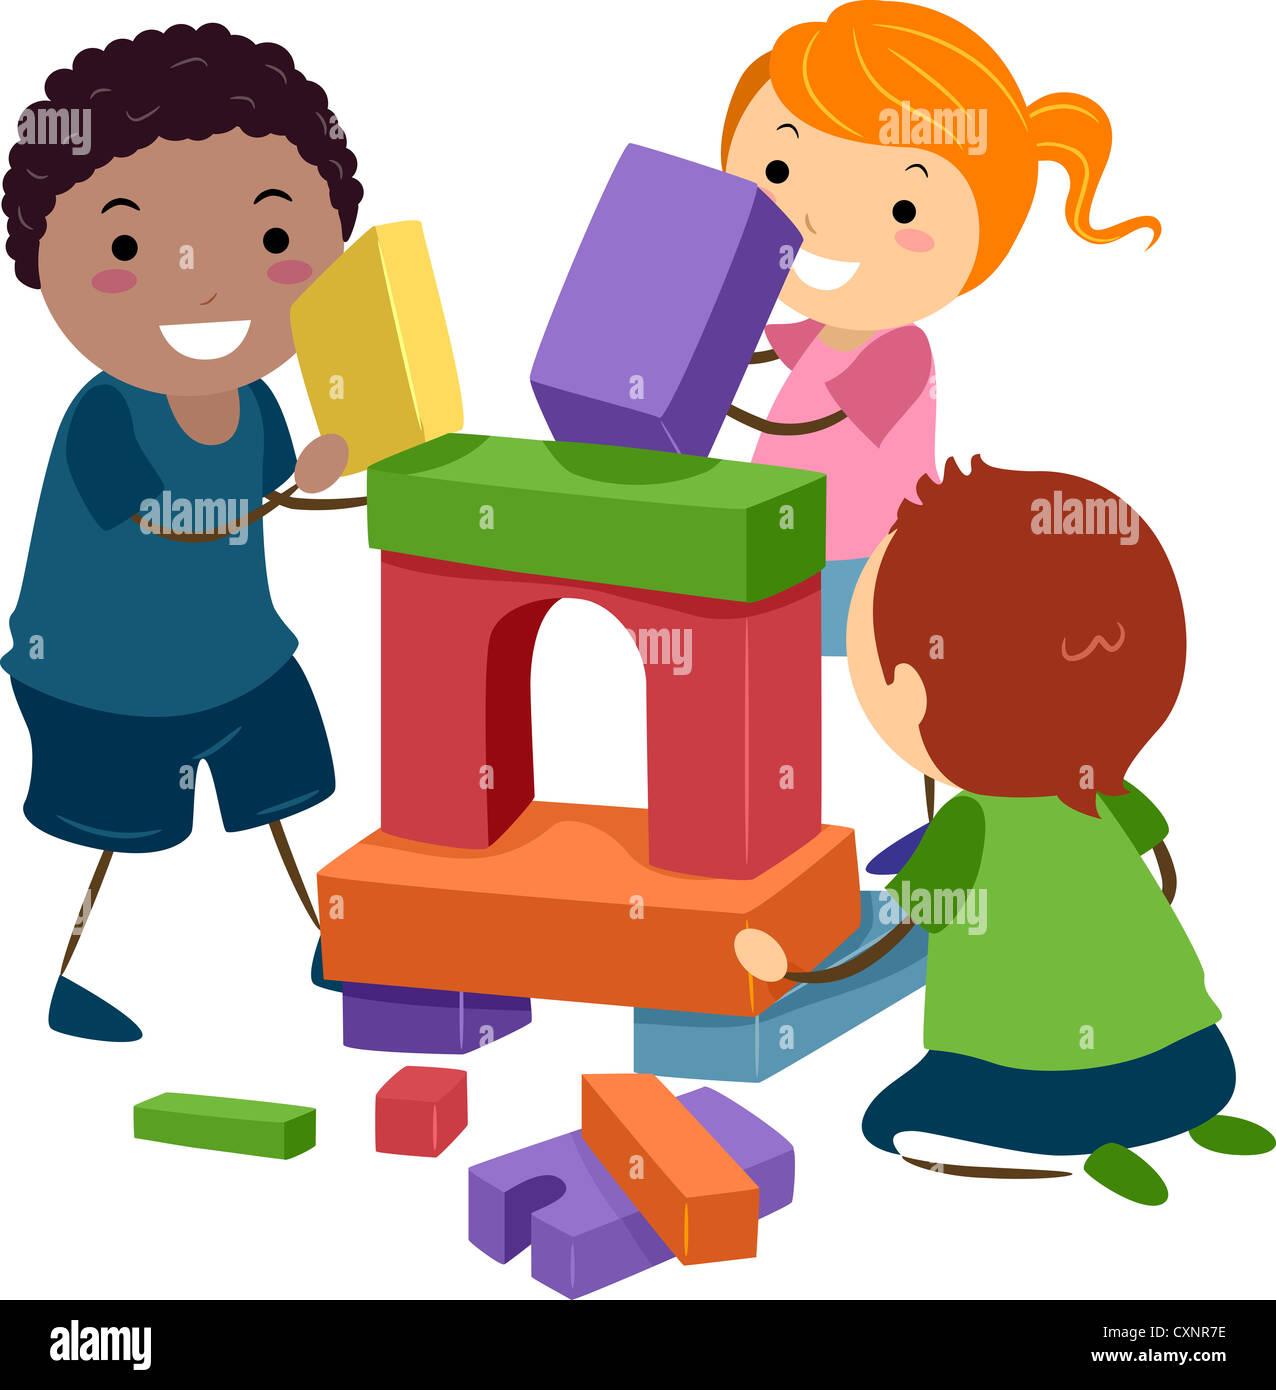 Ilustración de Stick niños jugando con bloques de construcción ...